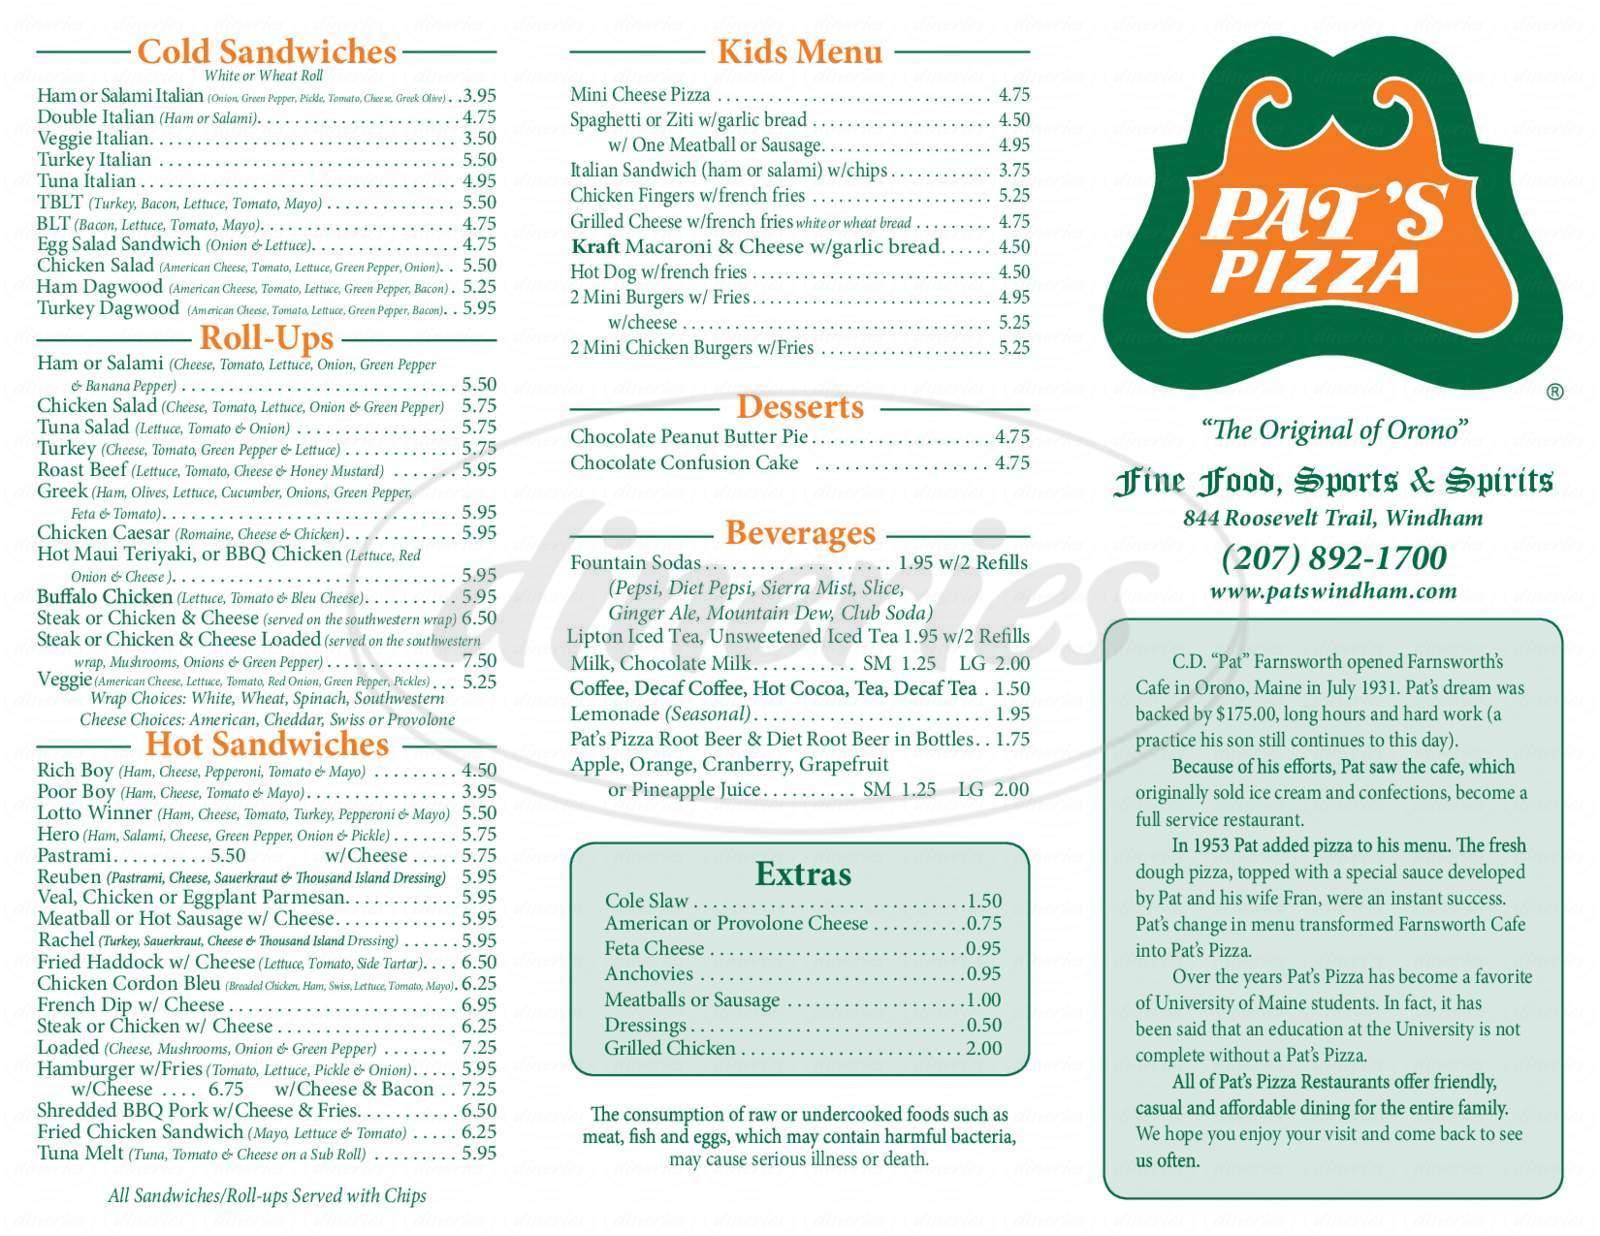 menu for Pat's Pizza